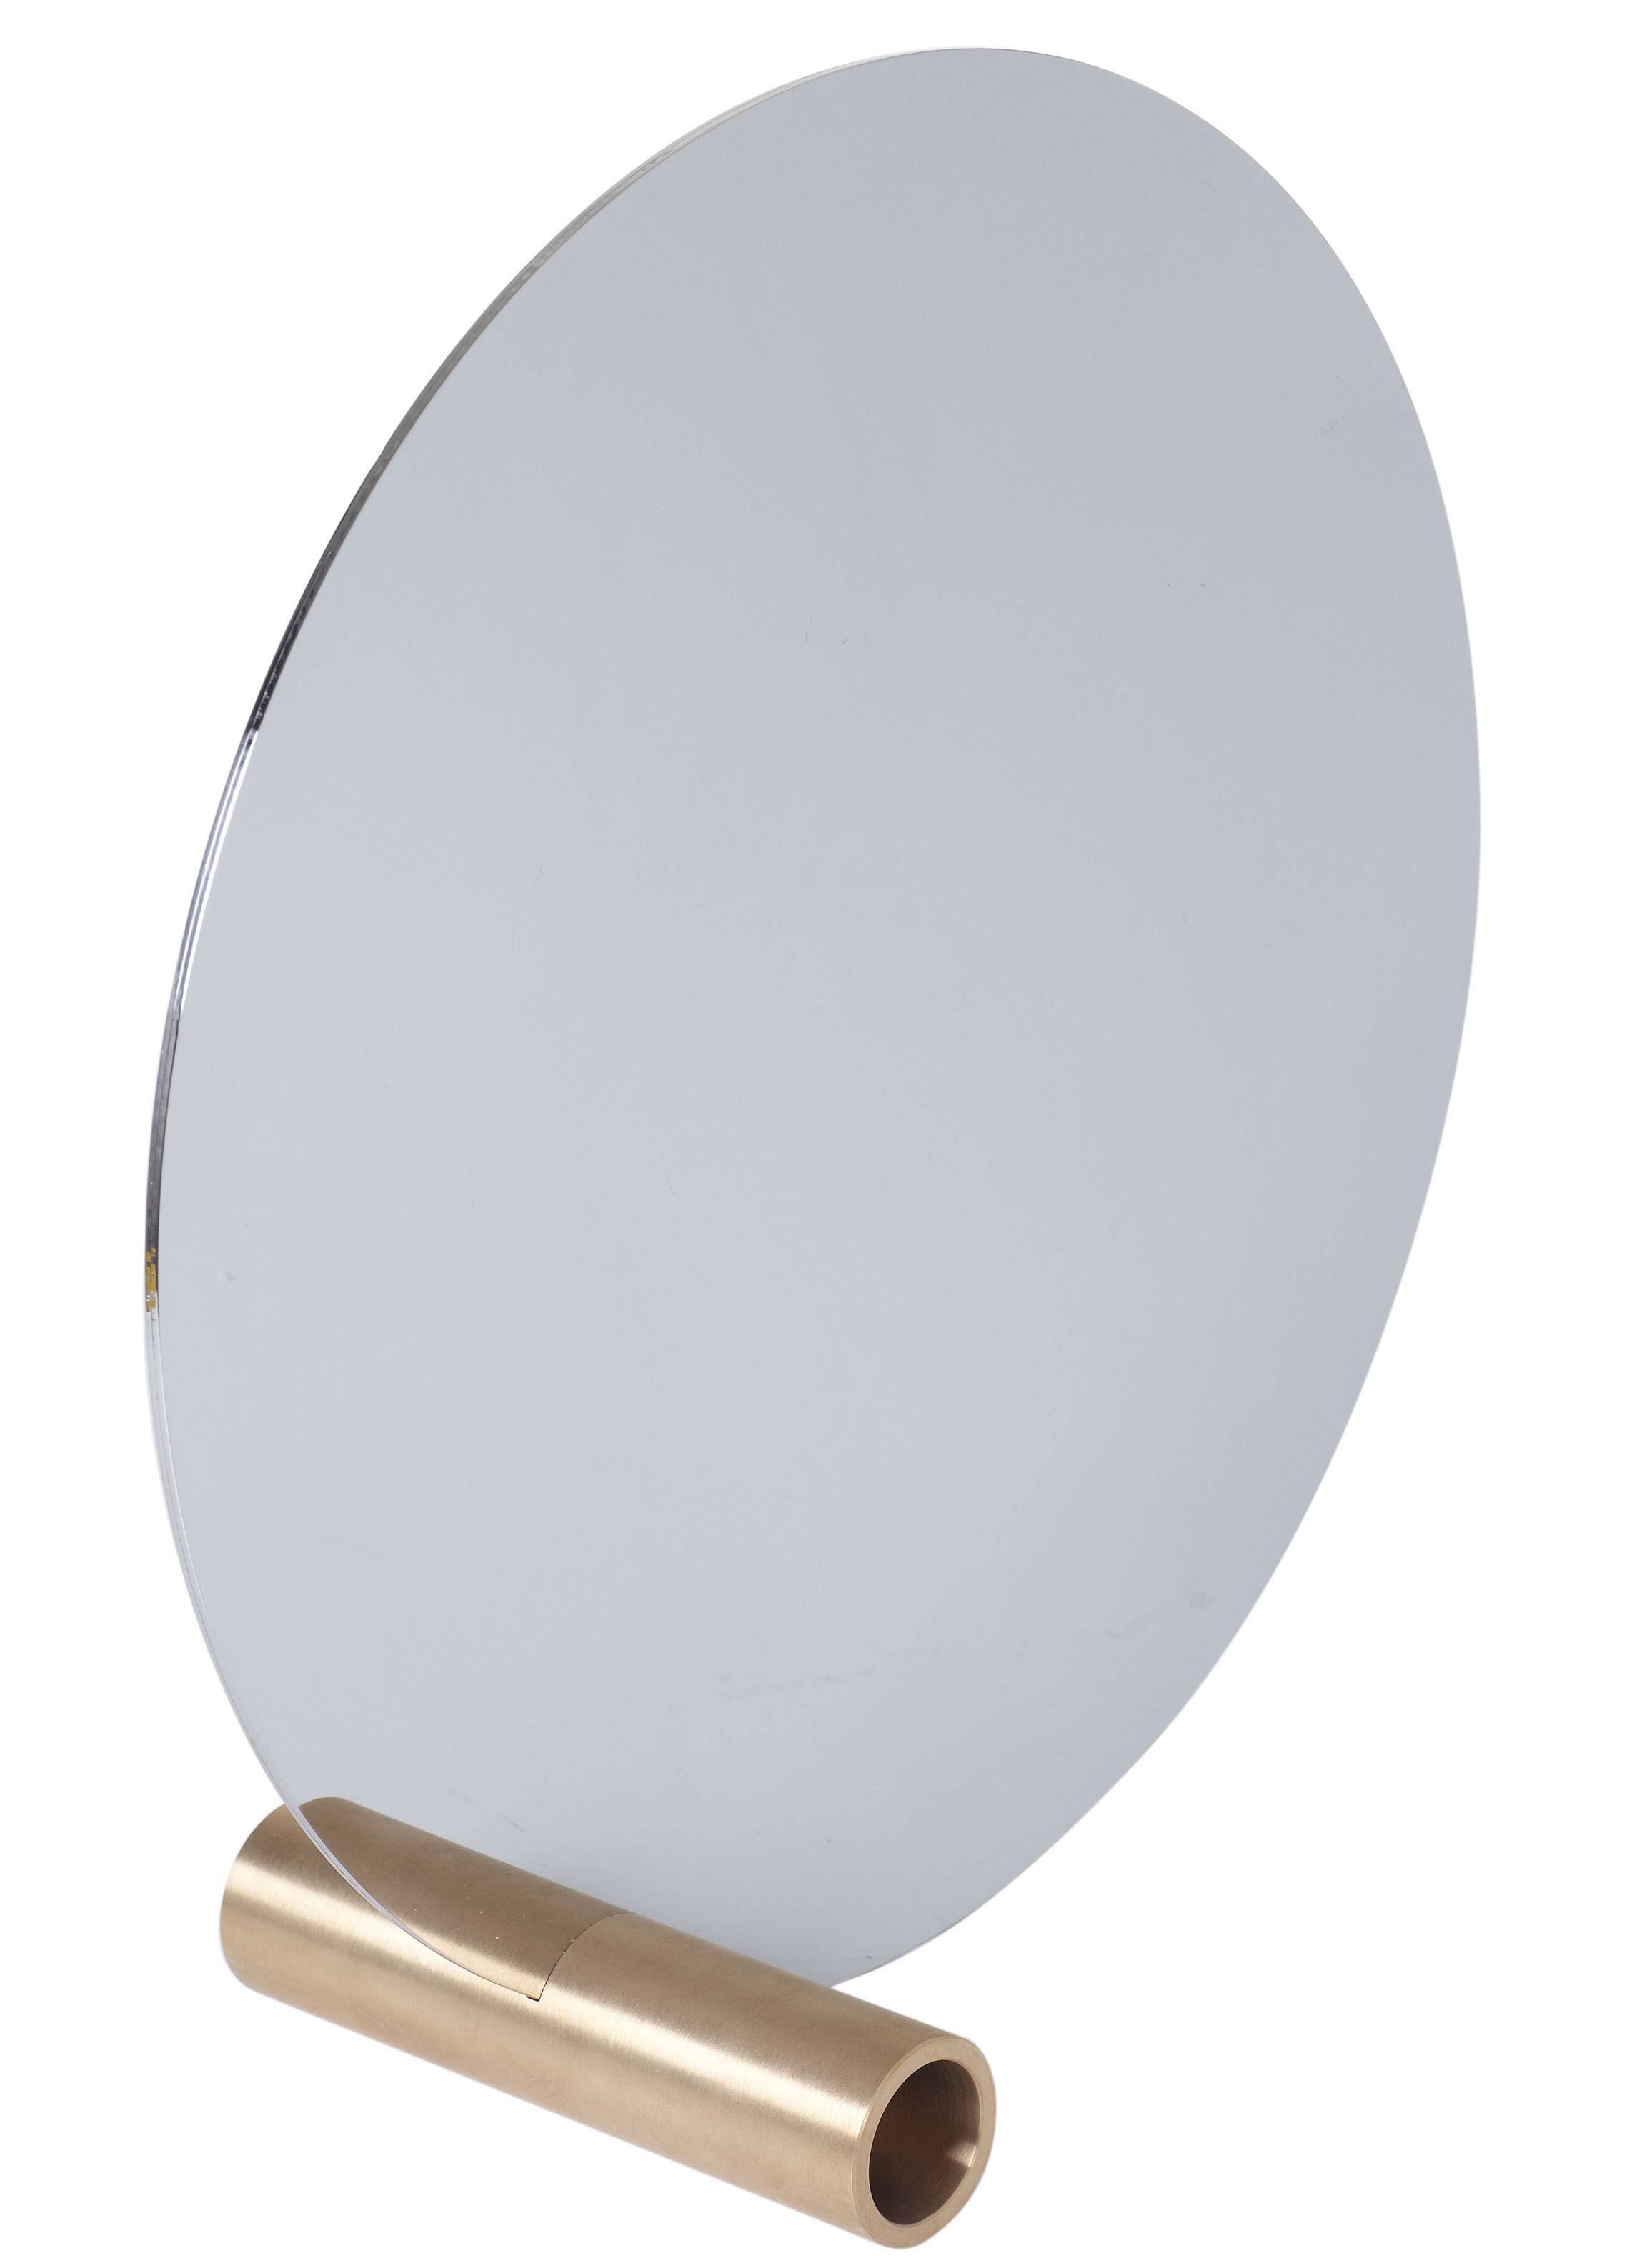 Dekoration - Spiegel - Disque Stellspiegel / Ø 30 cm - L'atelier d'exercices - Spiegel / Sockel aus Messing - Laiton massif, polierter Edelstahl